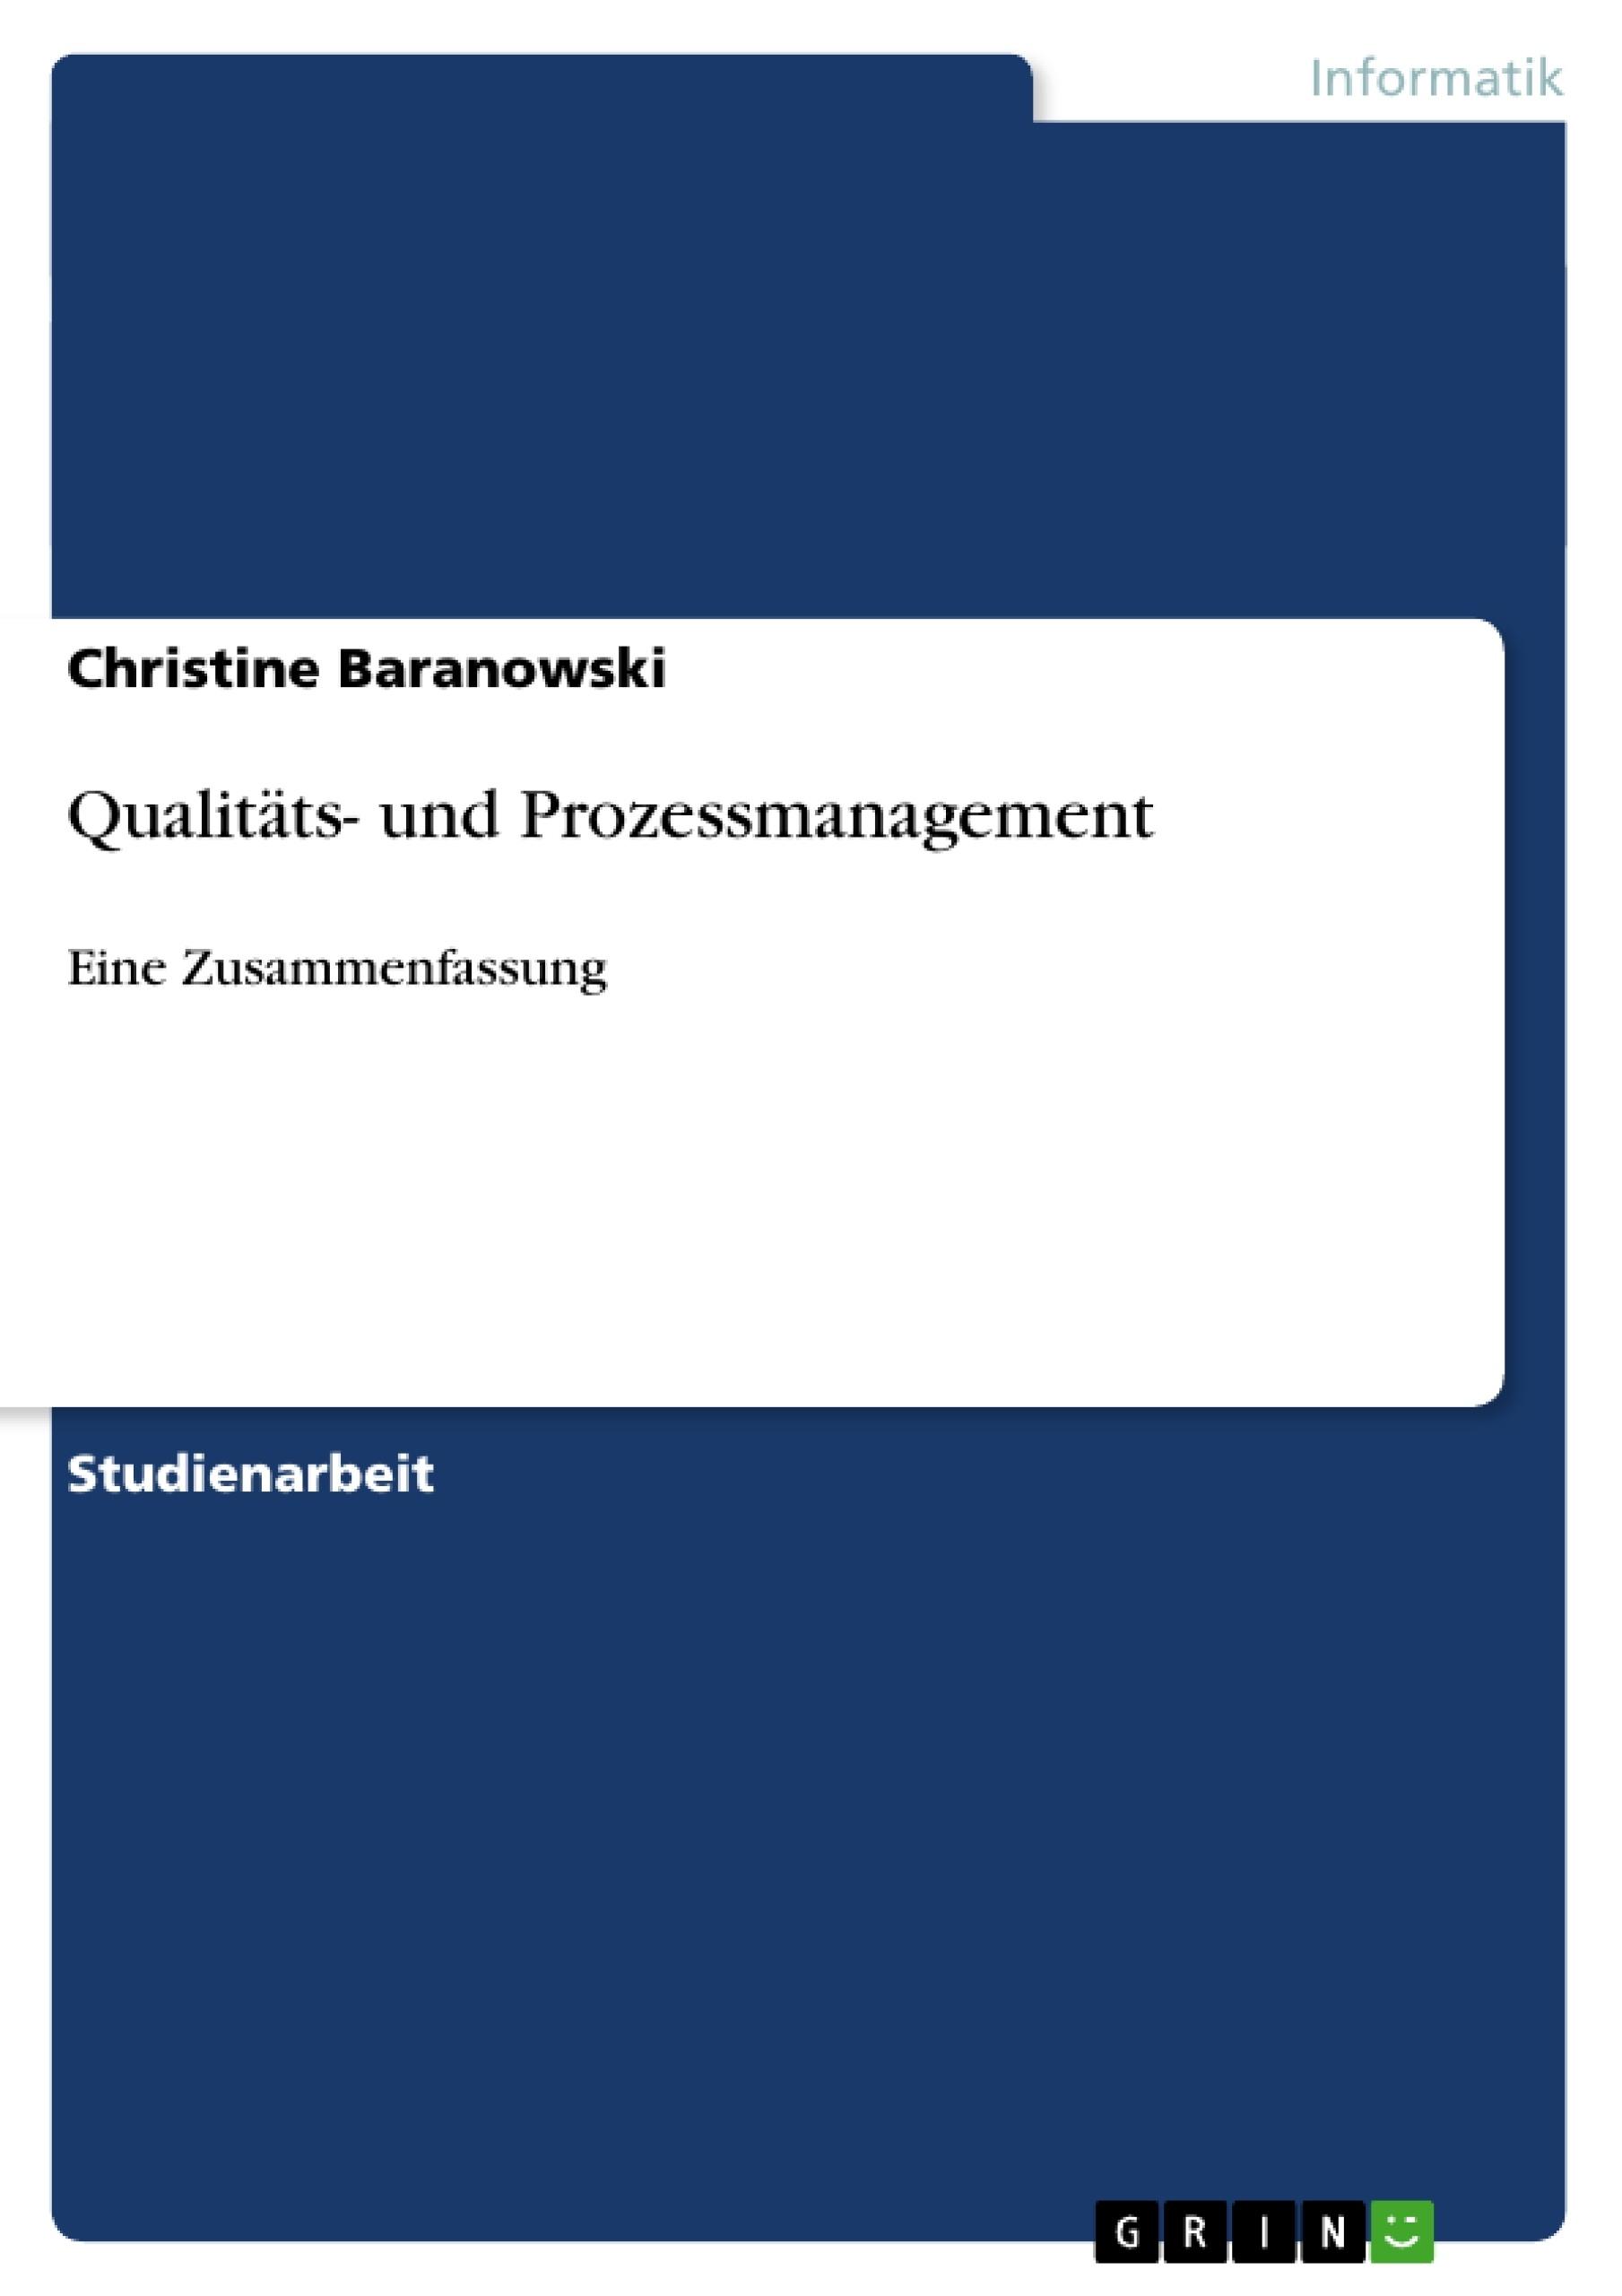 Titel: Qualitäts- und Prozessmanagement